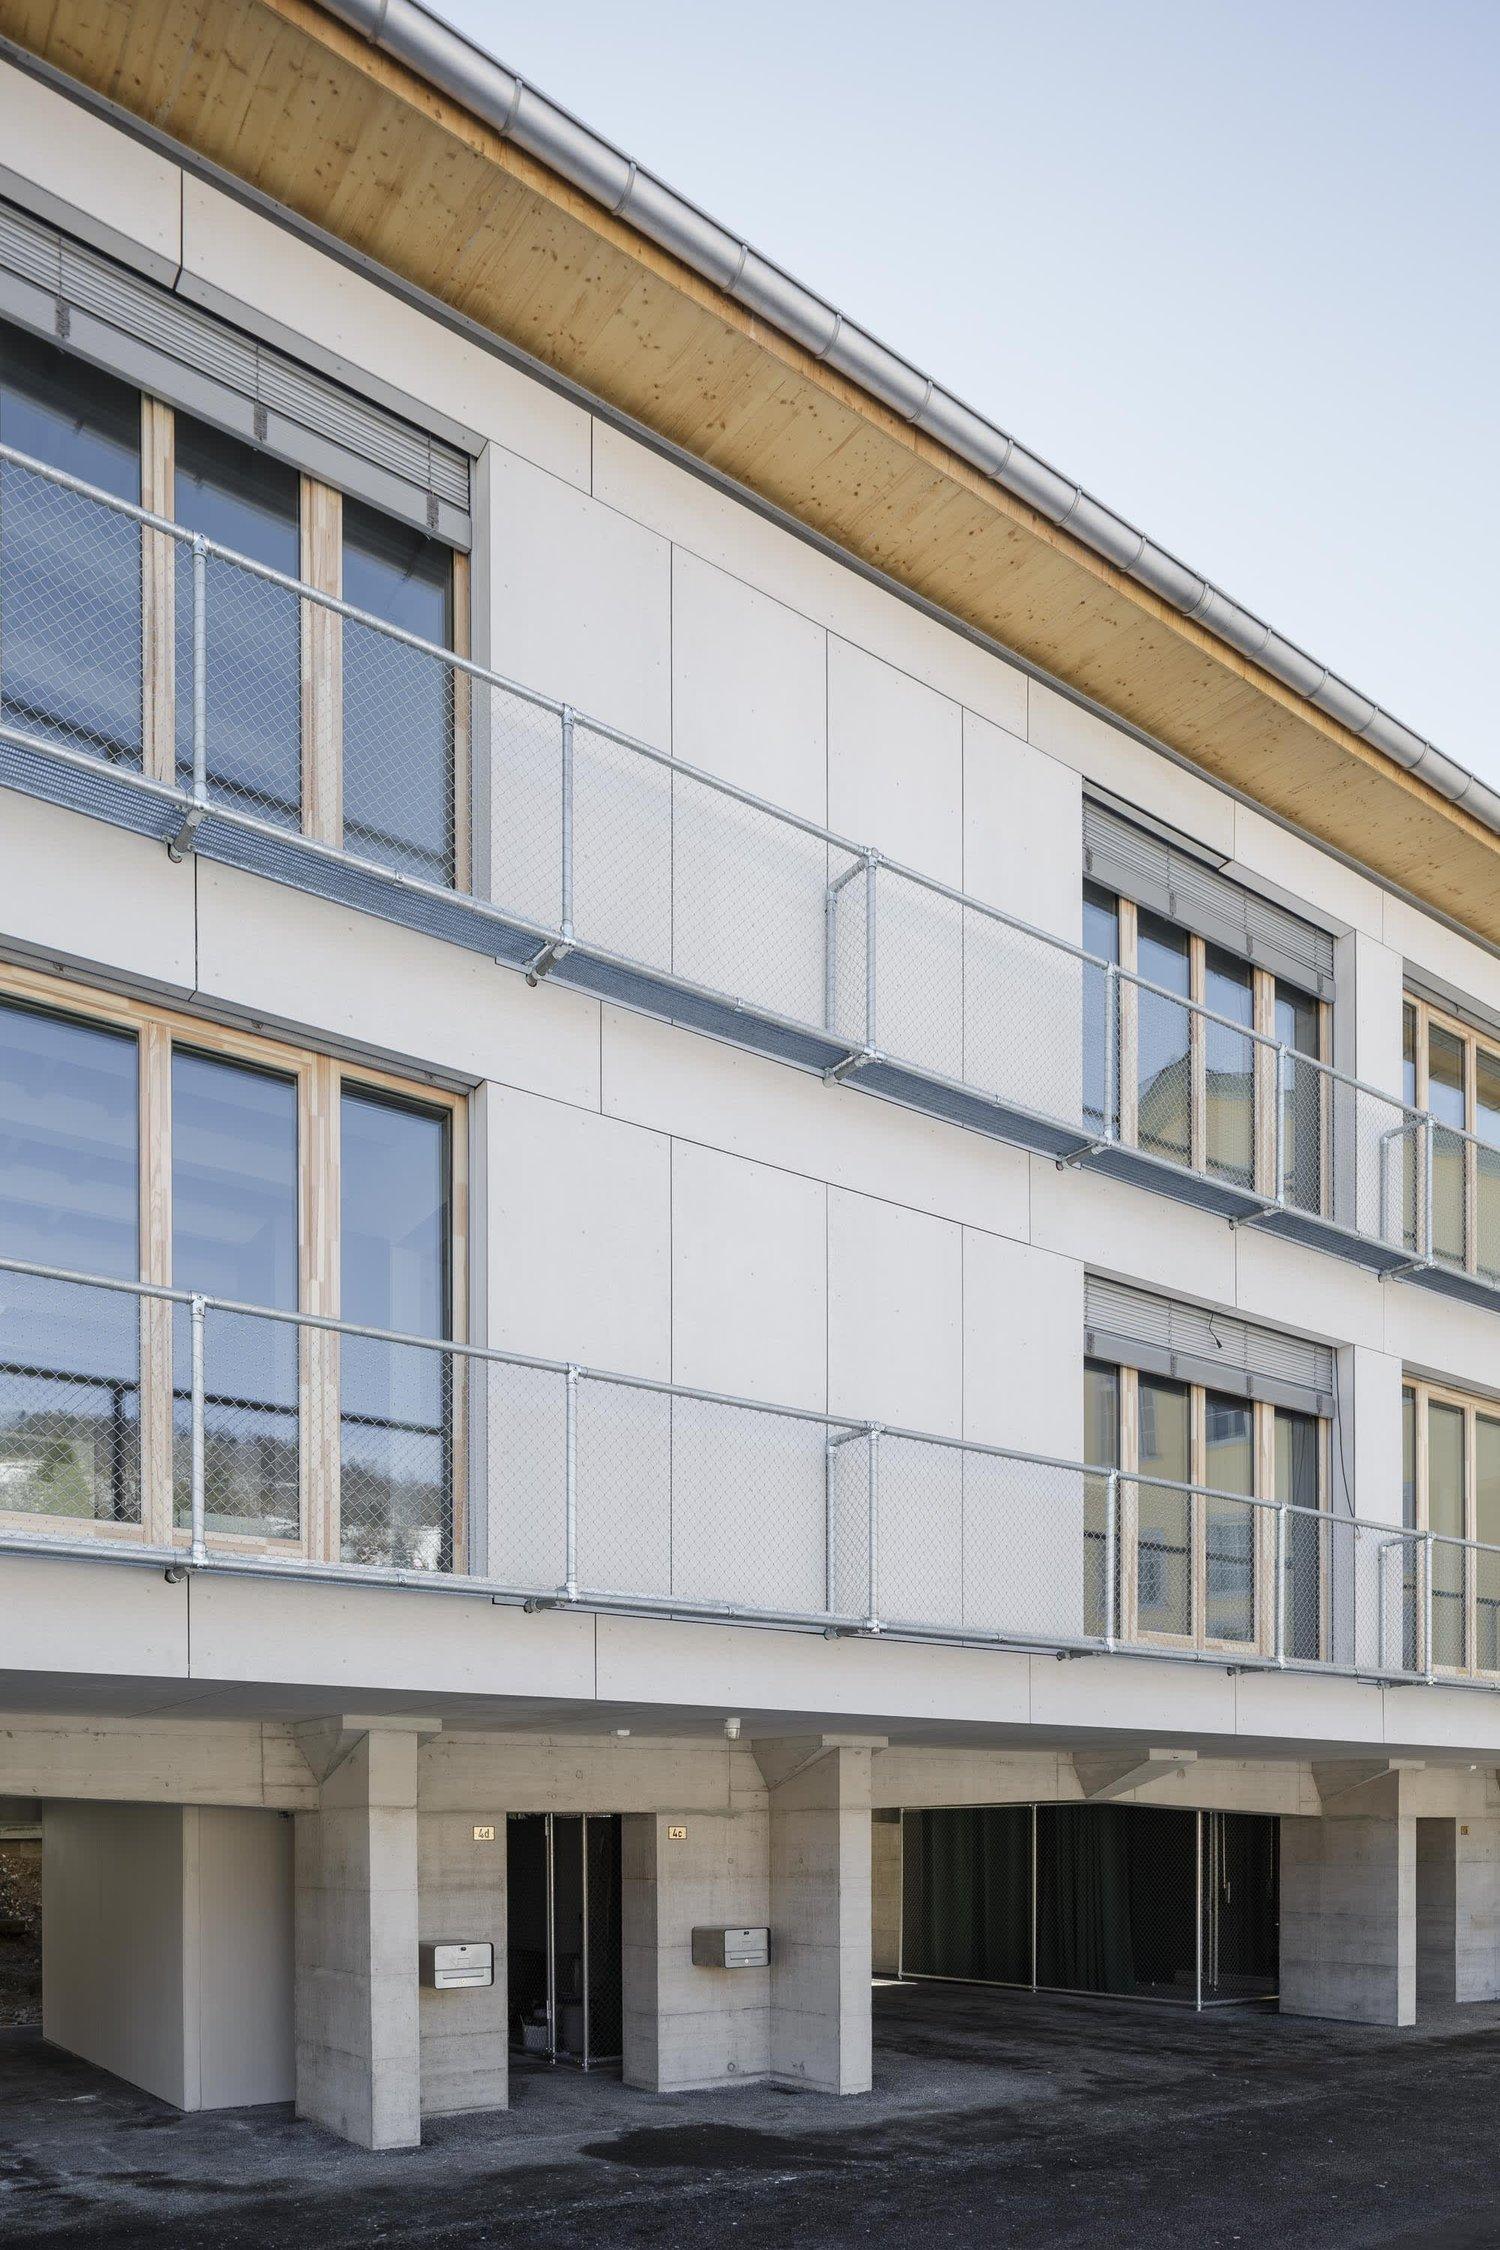 Lindenhofstrasse 4b, 4c, 4d